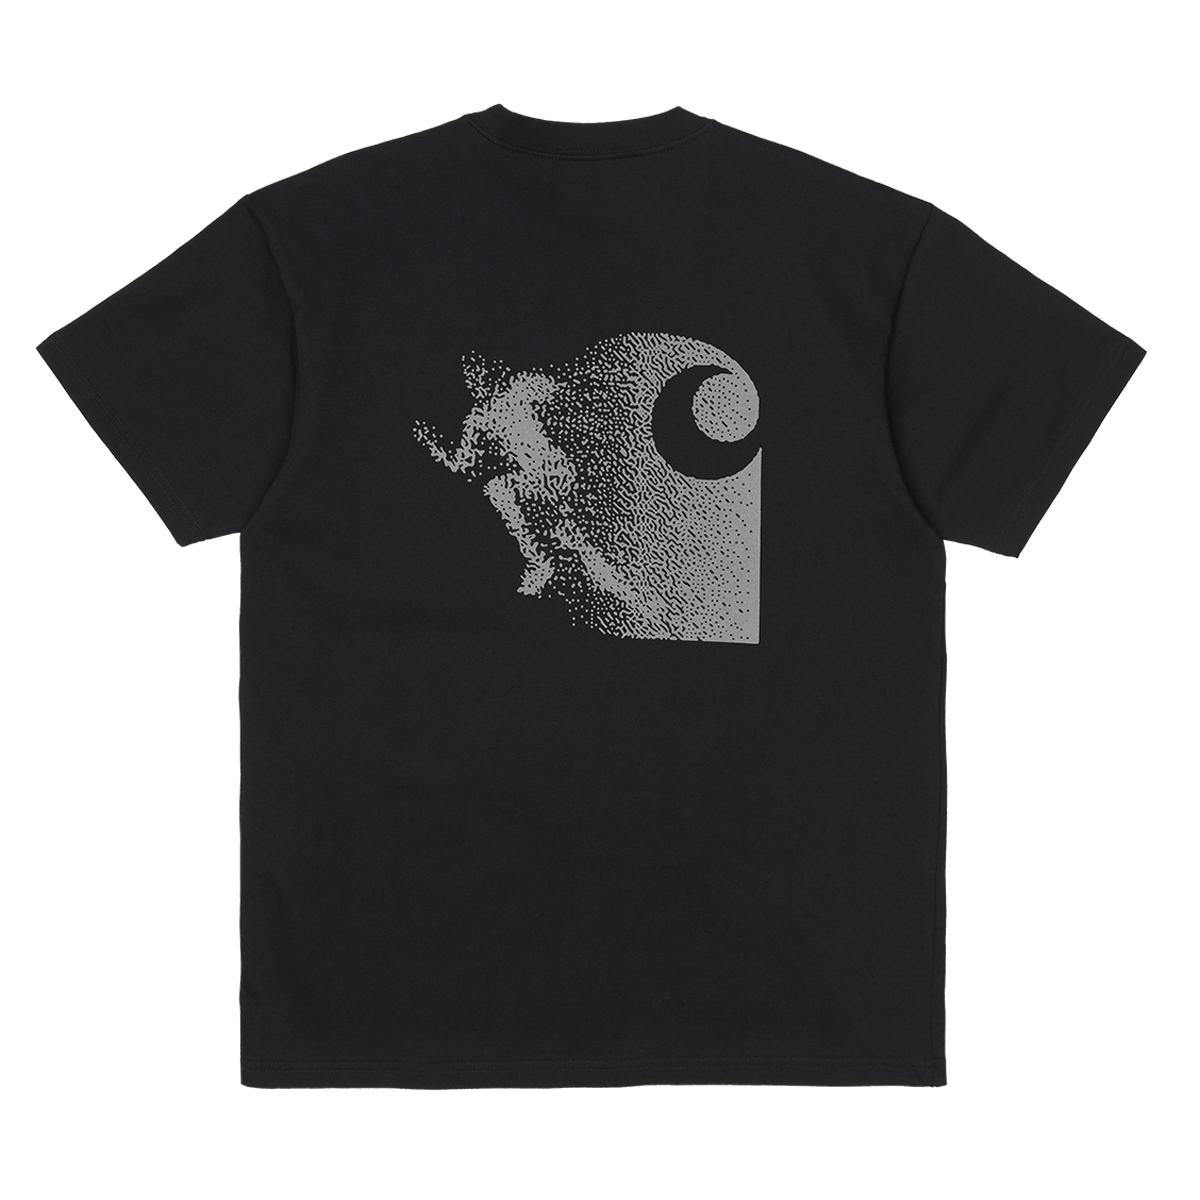 S/S Warp Speed T-Shirt